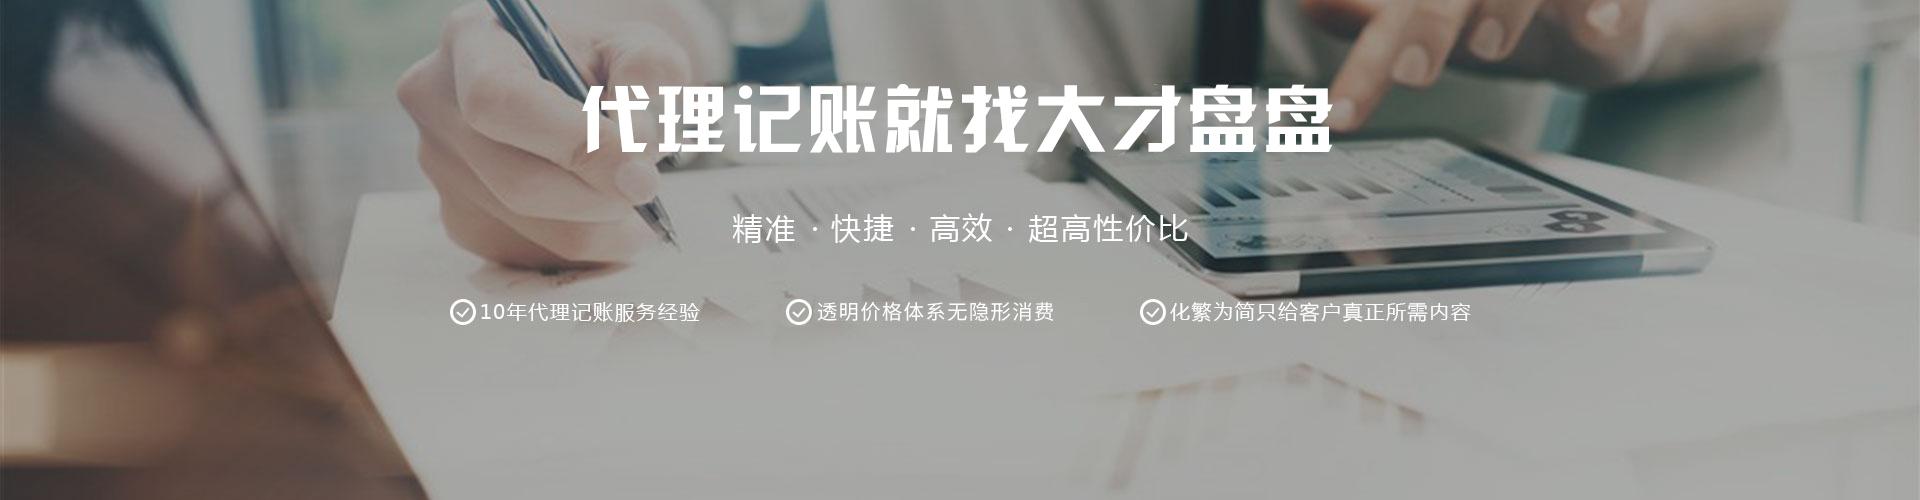 南京大才盘盘会计服务